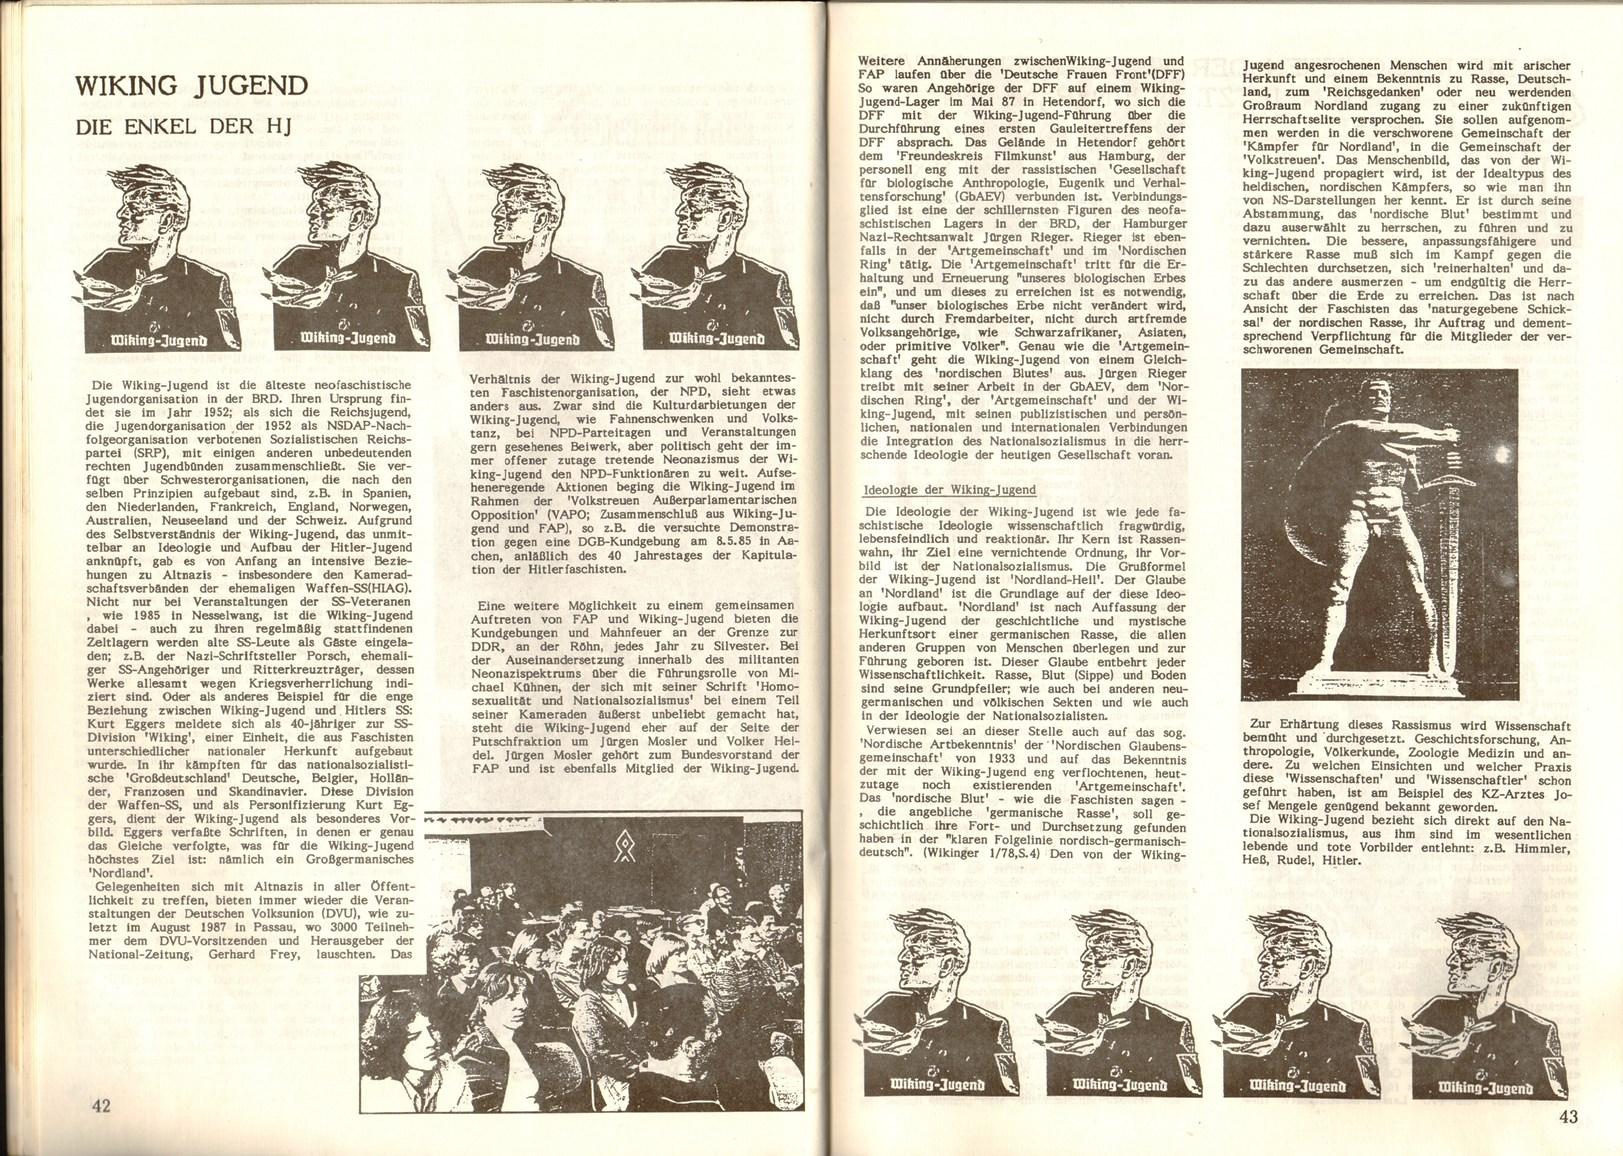 Gelsenkirchen_Zukunft_Vergangenheit_1988_22